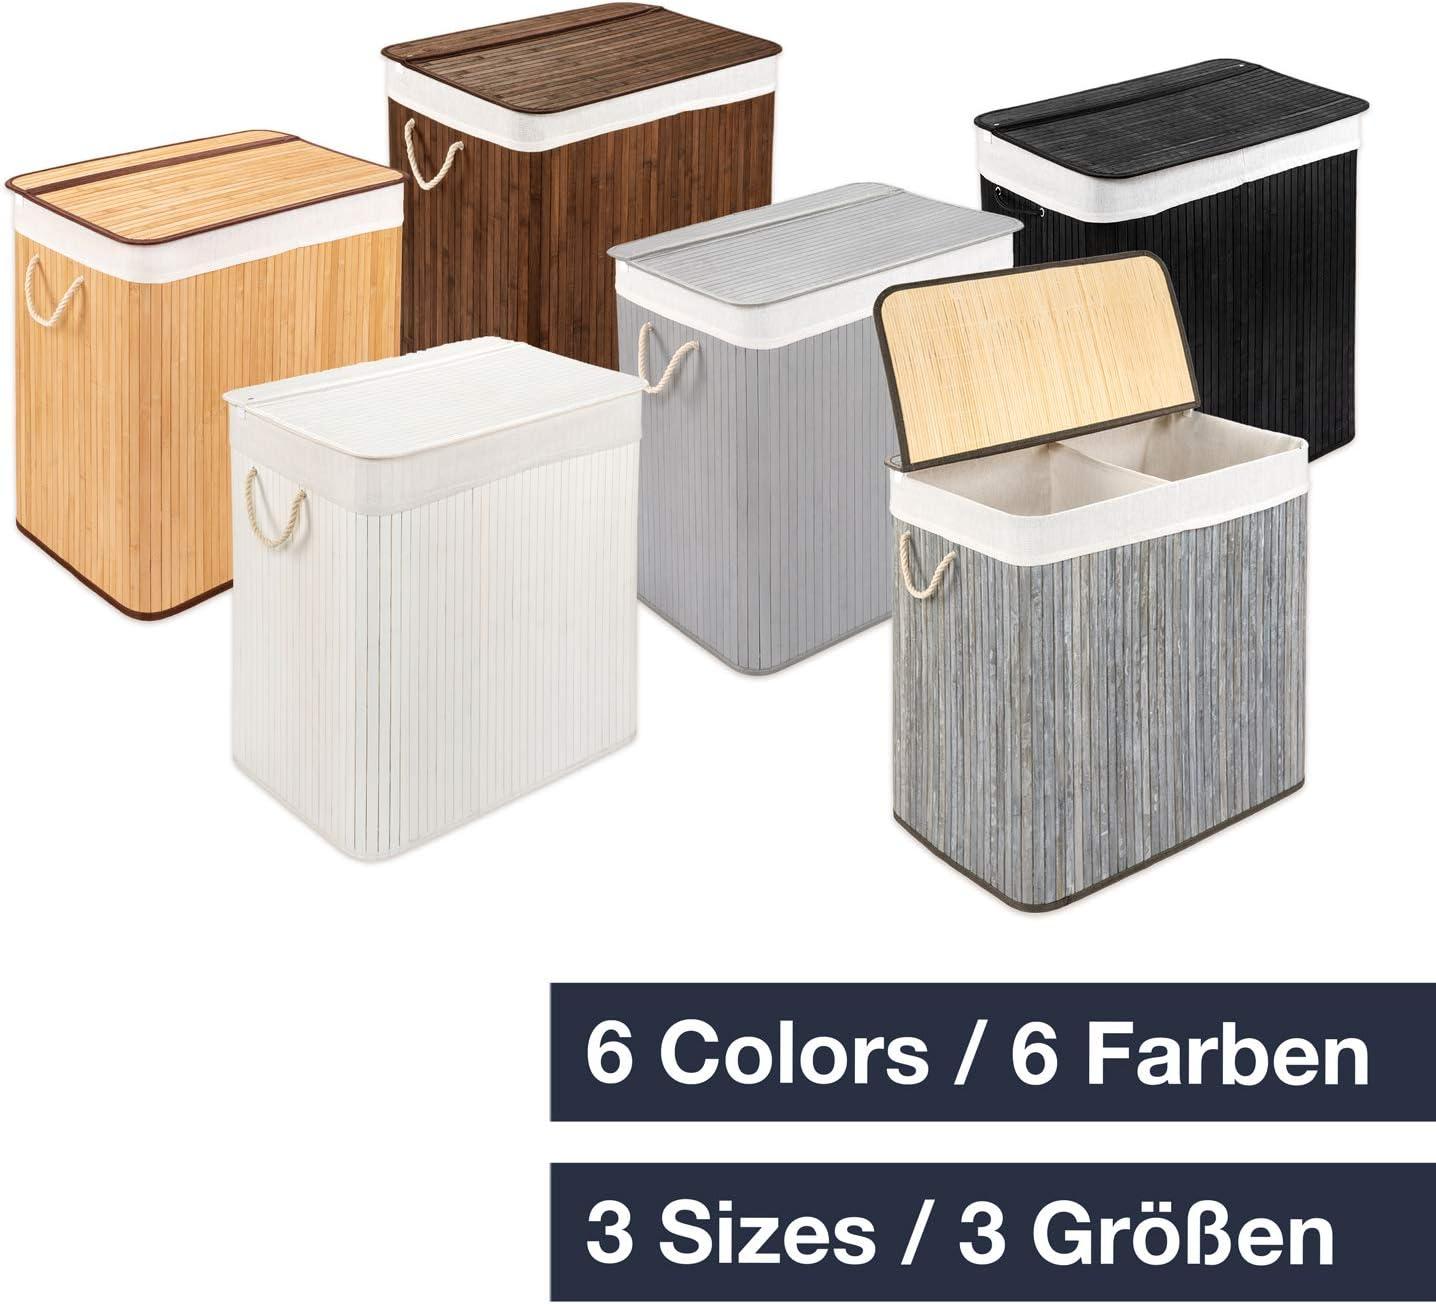 WohnDirect W/äschekorb mit Deckel und Fach /• stabile W/äschebox Bambus /• W/äschekorb Braun mit W/äschesack waschbar /• 100/% Bambus /• 72 Liter